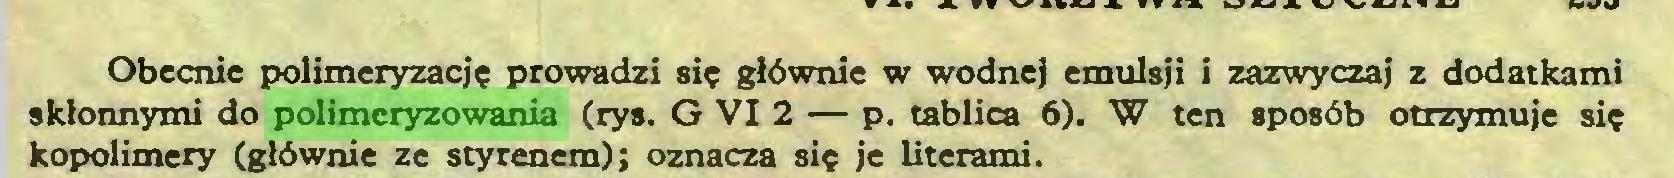 (...) Obecnie polimeryzację prowadzi się głównie w wodnej emulsji i zazwyczaj z dodatkami skłonnymi do polimeryzowania (rys. G VI 2 — p. tablica 6). W ten sposób otrzymuje się kopolimery (głównie ze styrenem); oznacza się je literami...